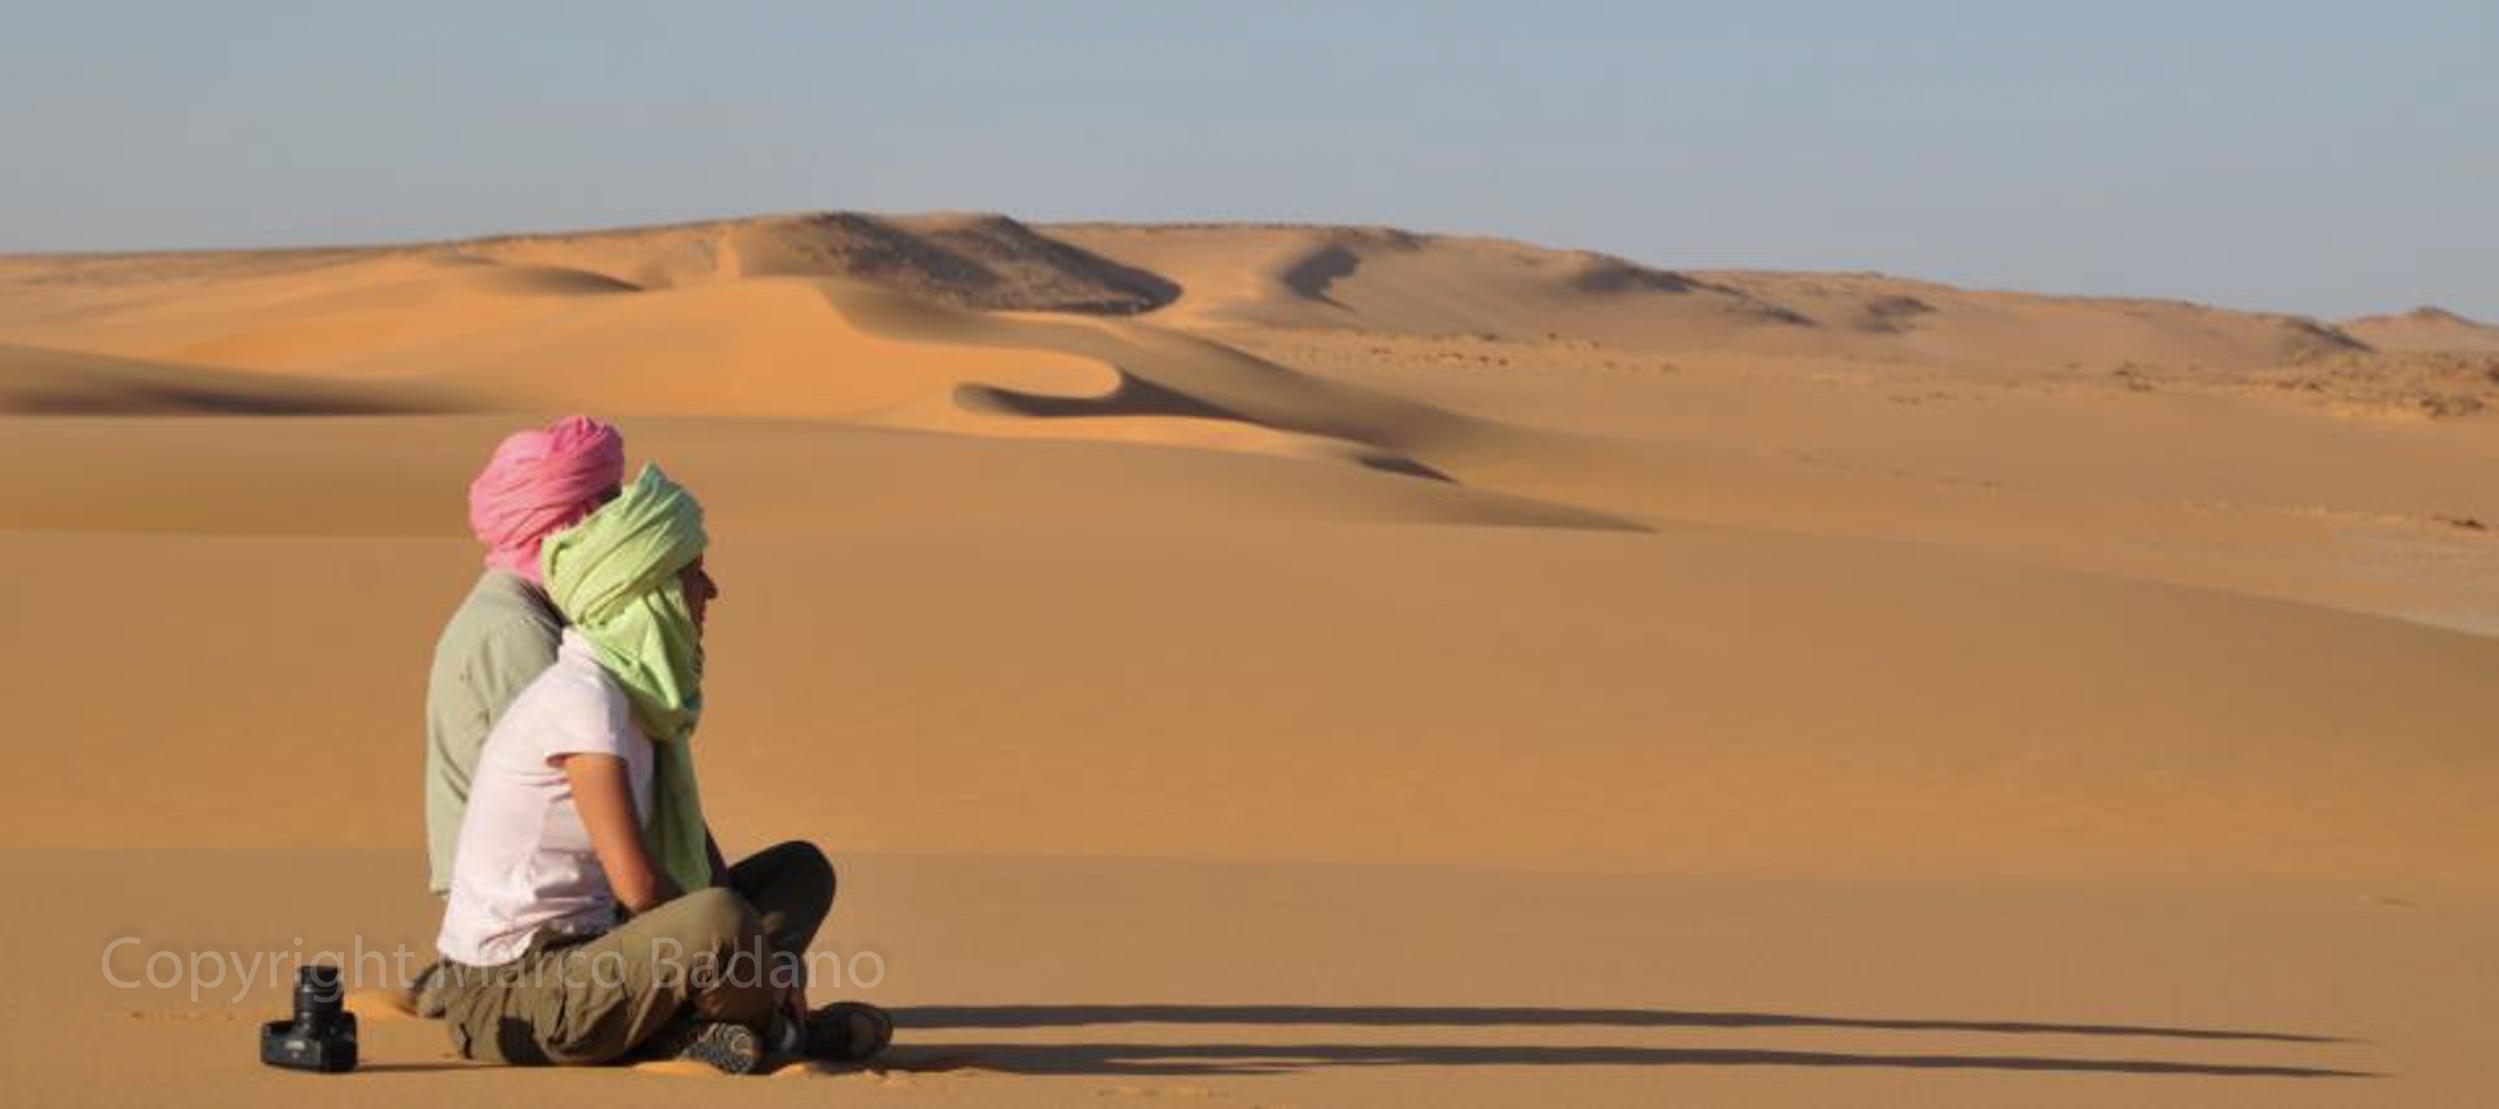 Sudan(Marco)18